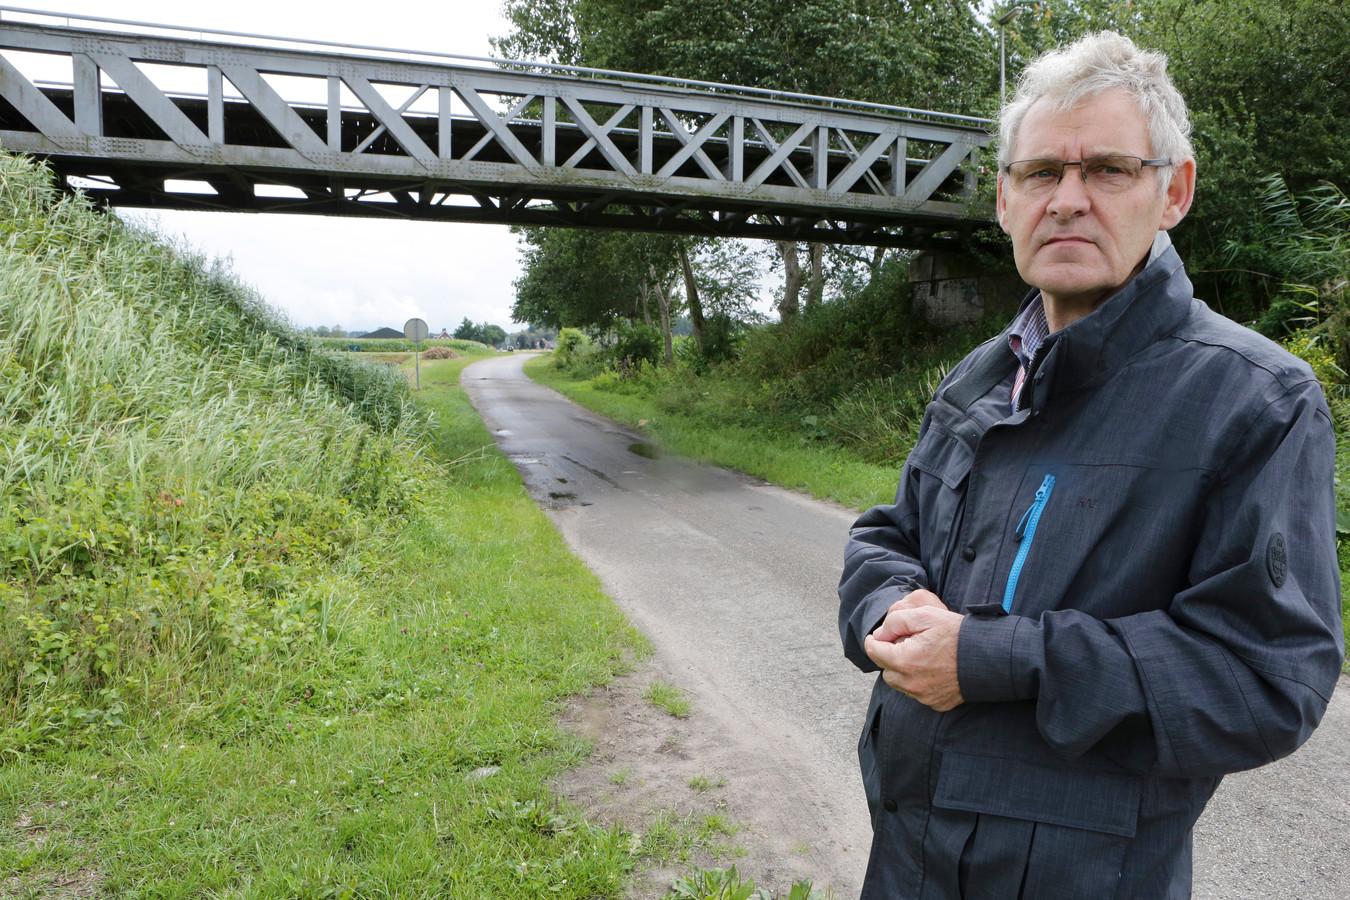 Anton van Tuijl bij een van de oude Langstraatspoorbruggen tussen Waalwijk en Drunen.